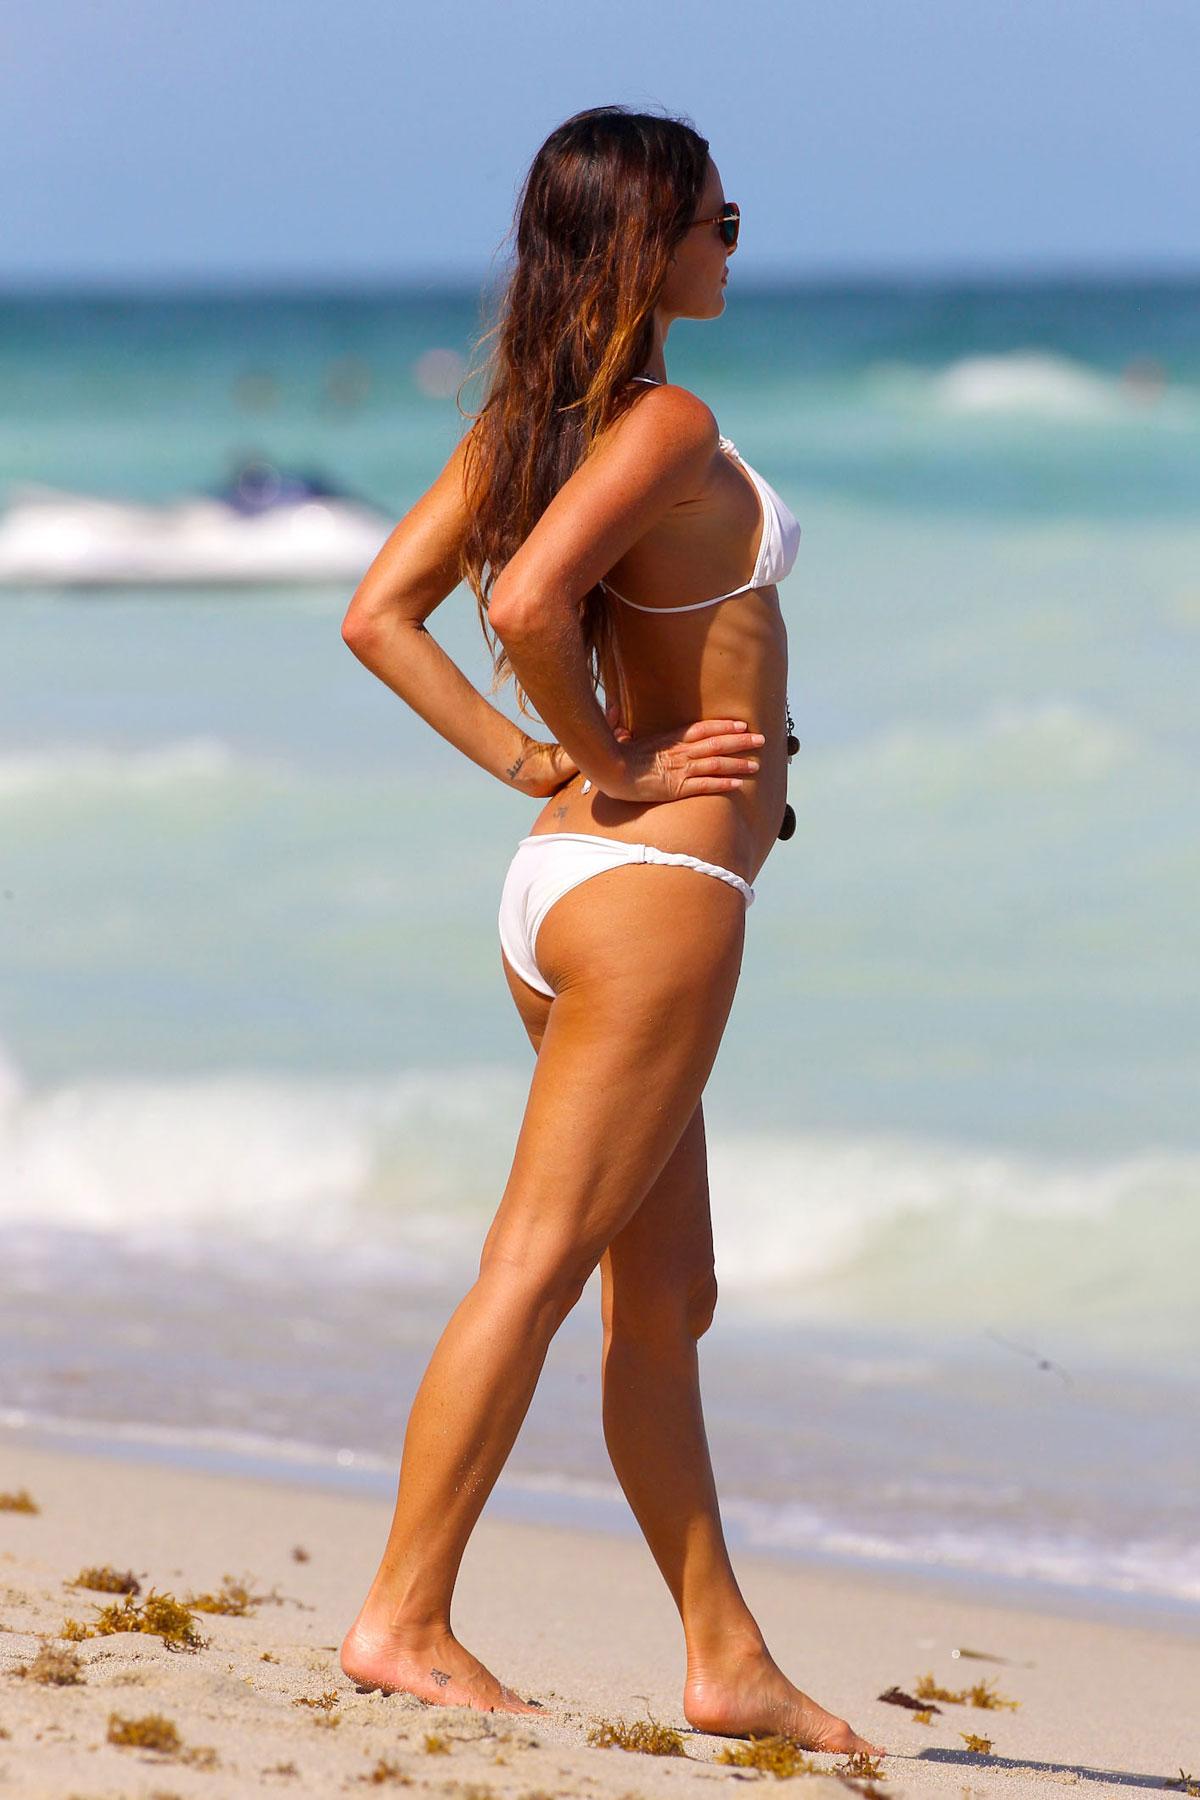 Feet Gabrielle Anwar naked (82 foto and video), Topless, Bikini, Boobs, see through 2006